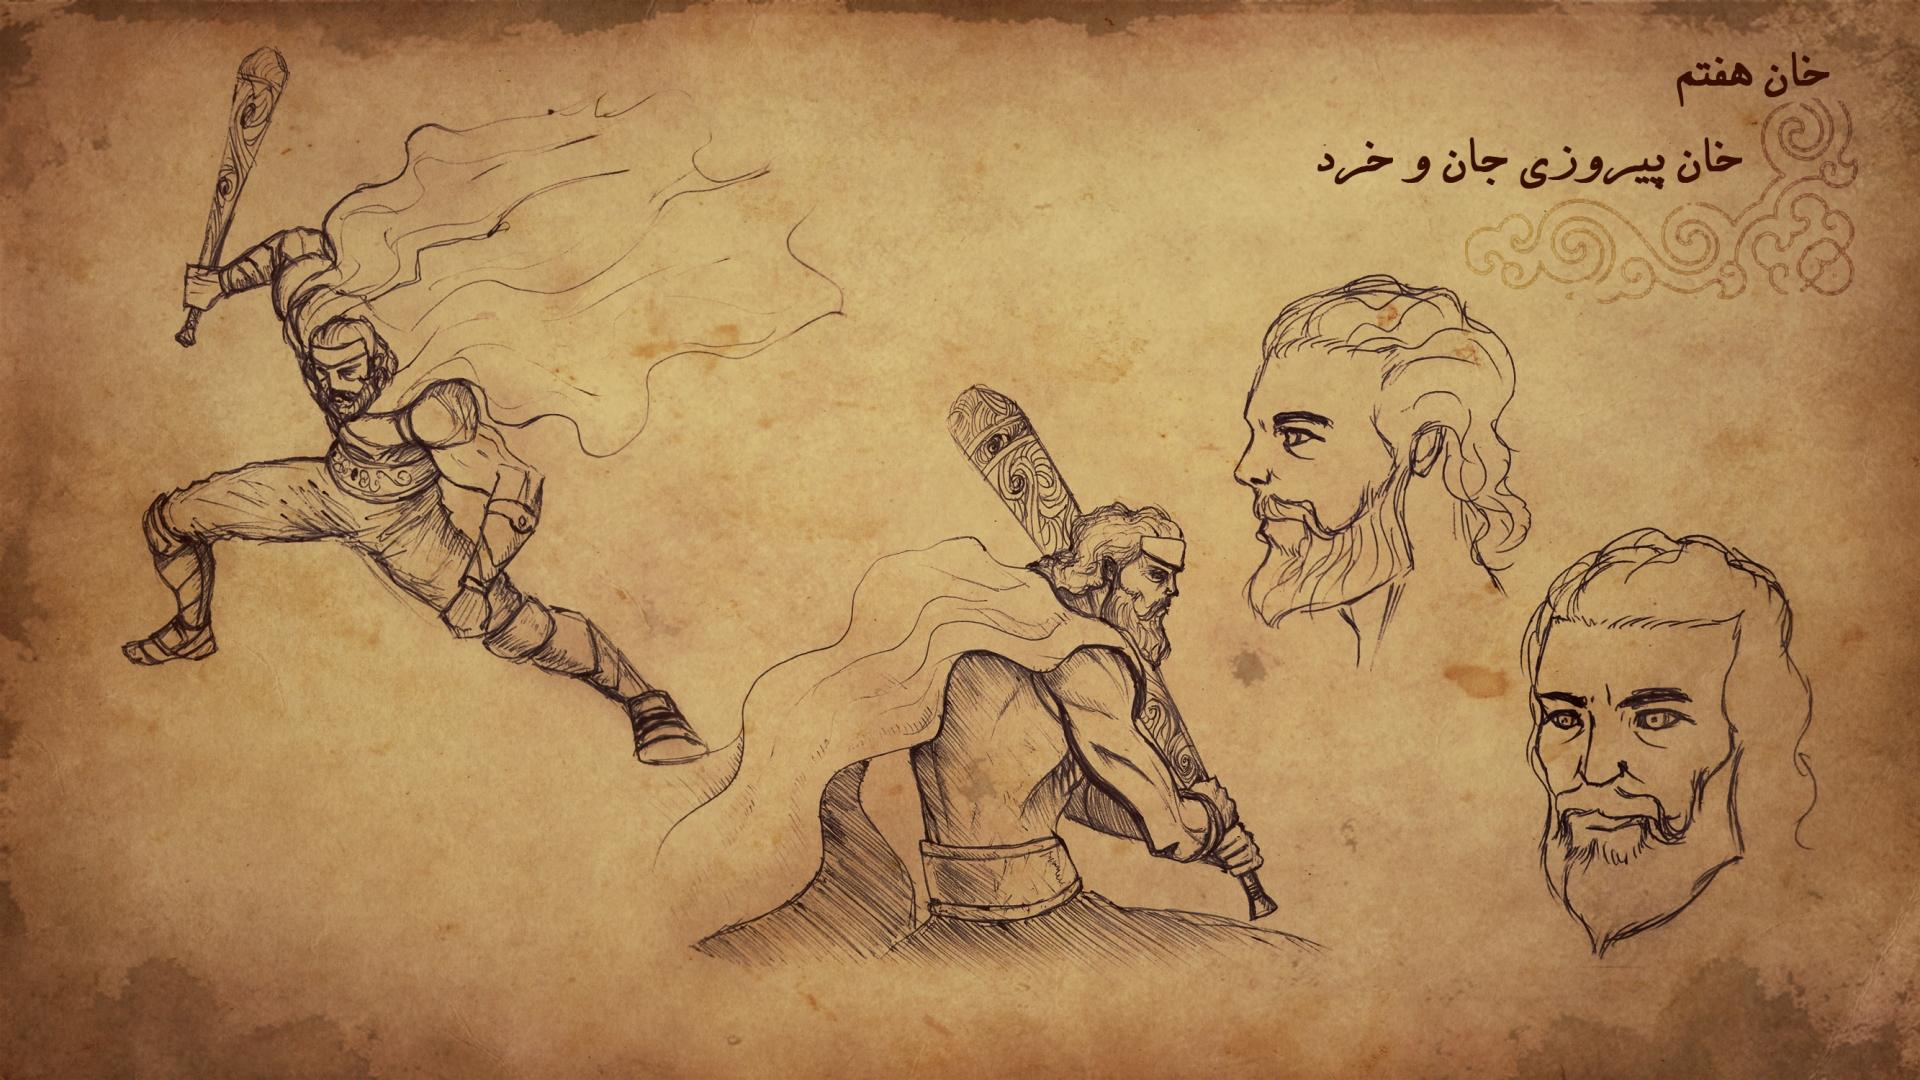 انیمیشن روز بزرگداشت فردوسی - تصویر نمادین دوم